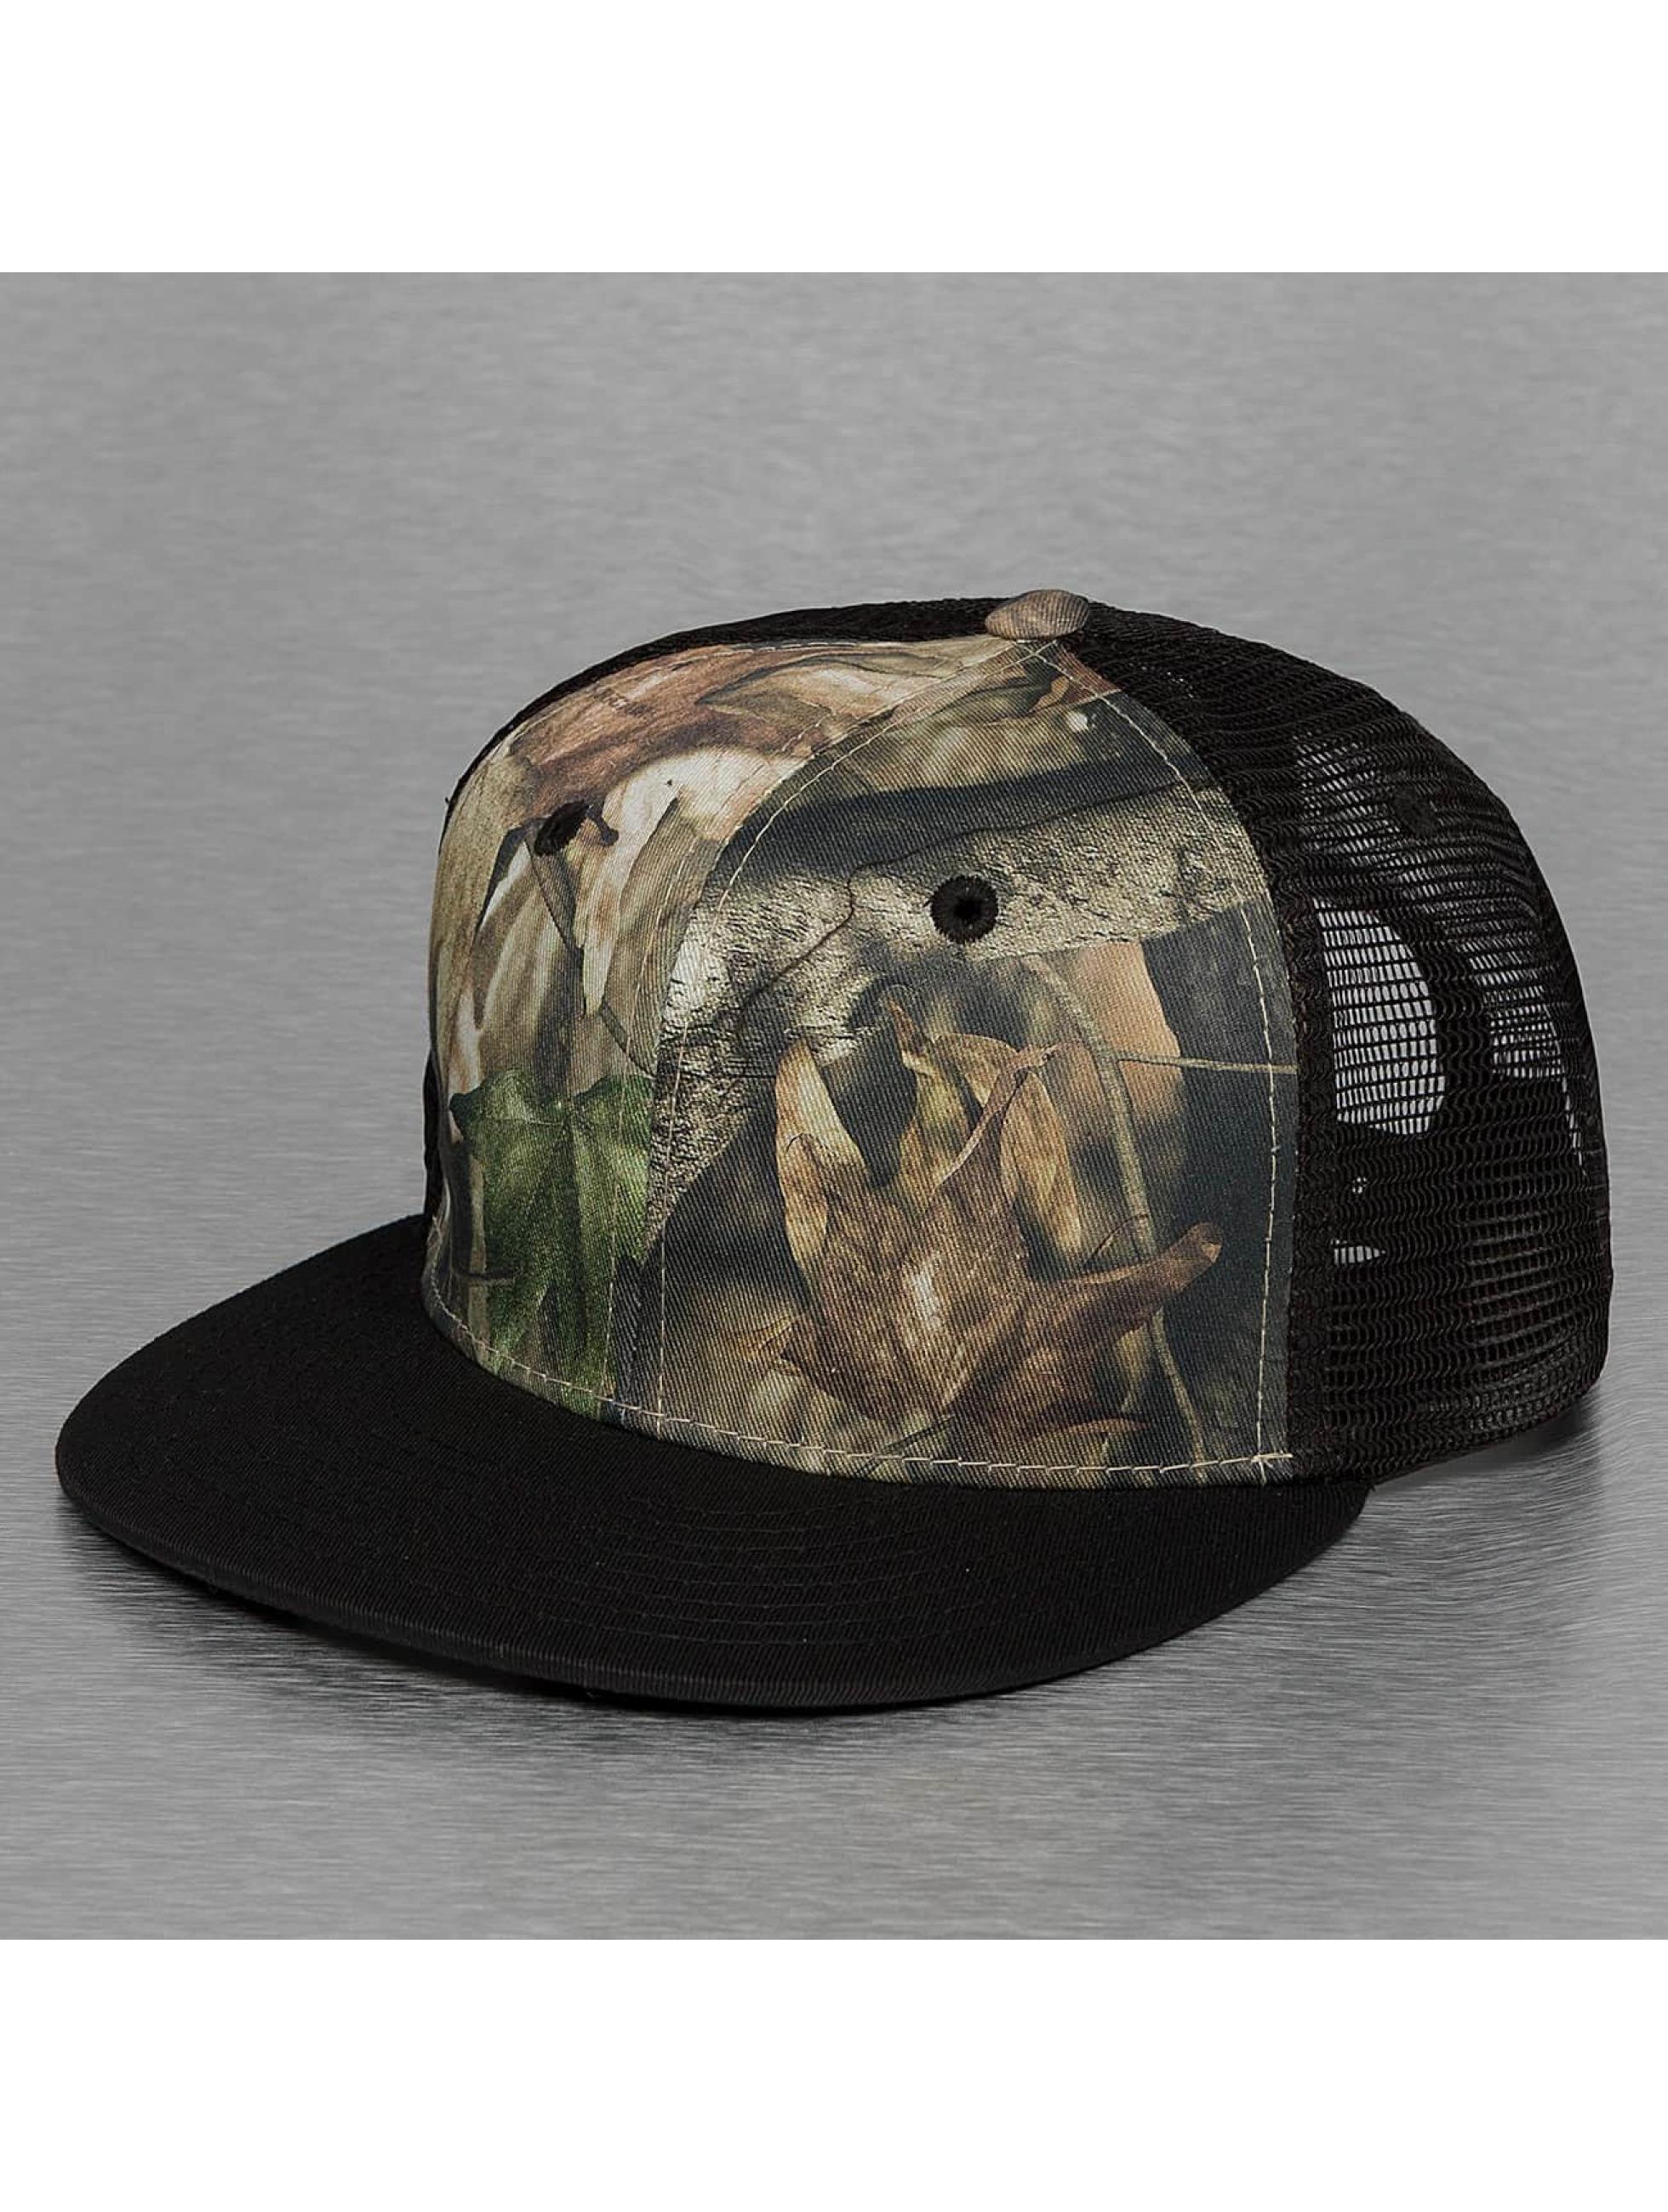 Decky USA Männer,Frauen Trucker Cap USA Hybricam in camouflage